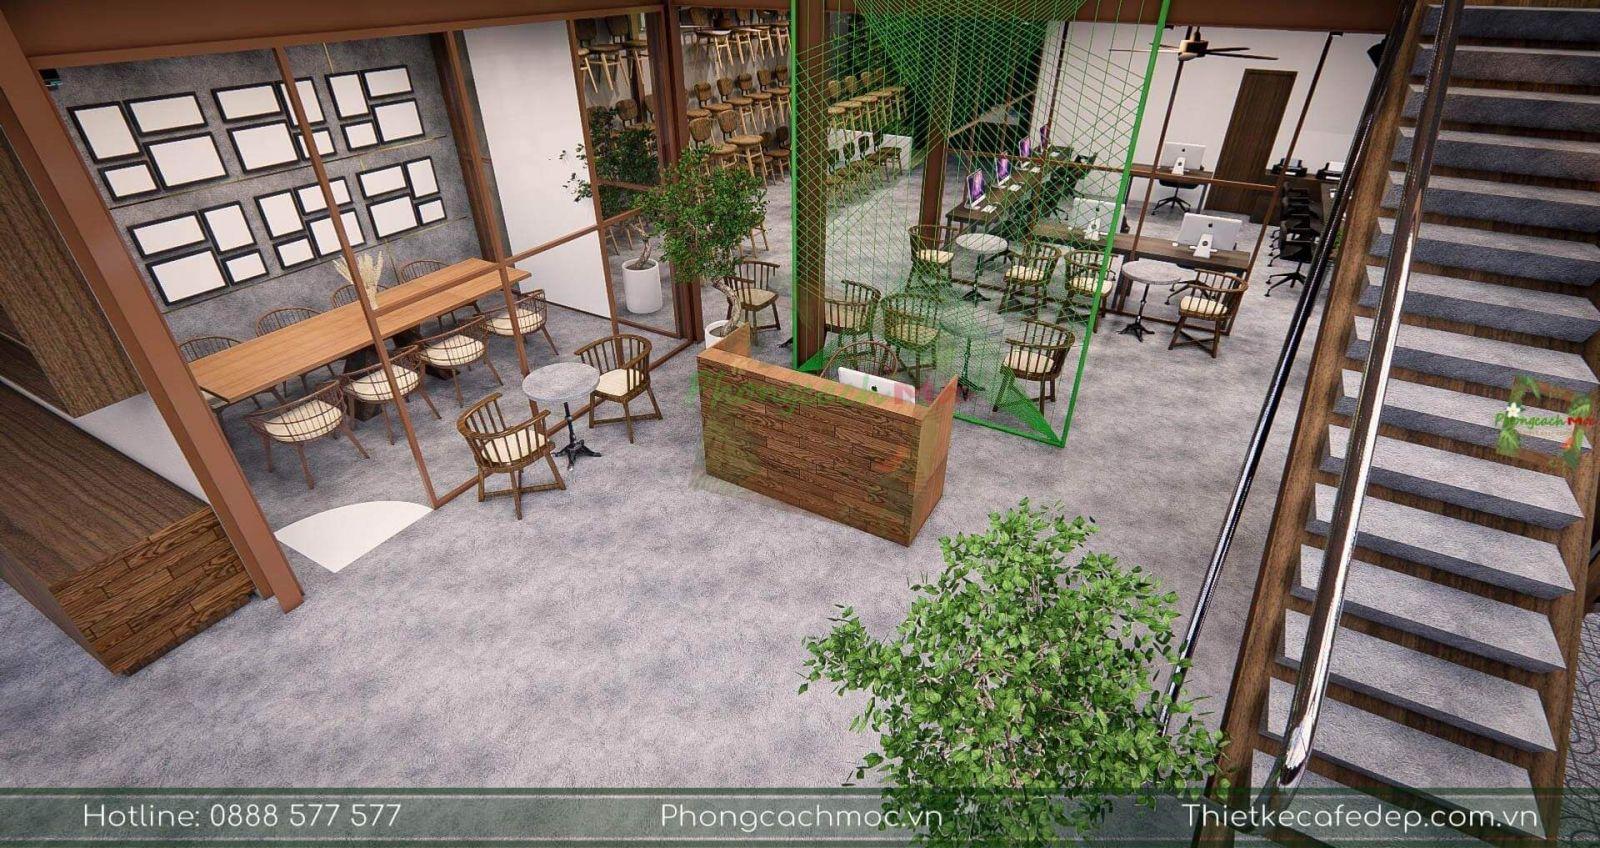 thiết kế phân khu chức năng tầng 1 pcm workshop